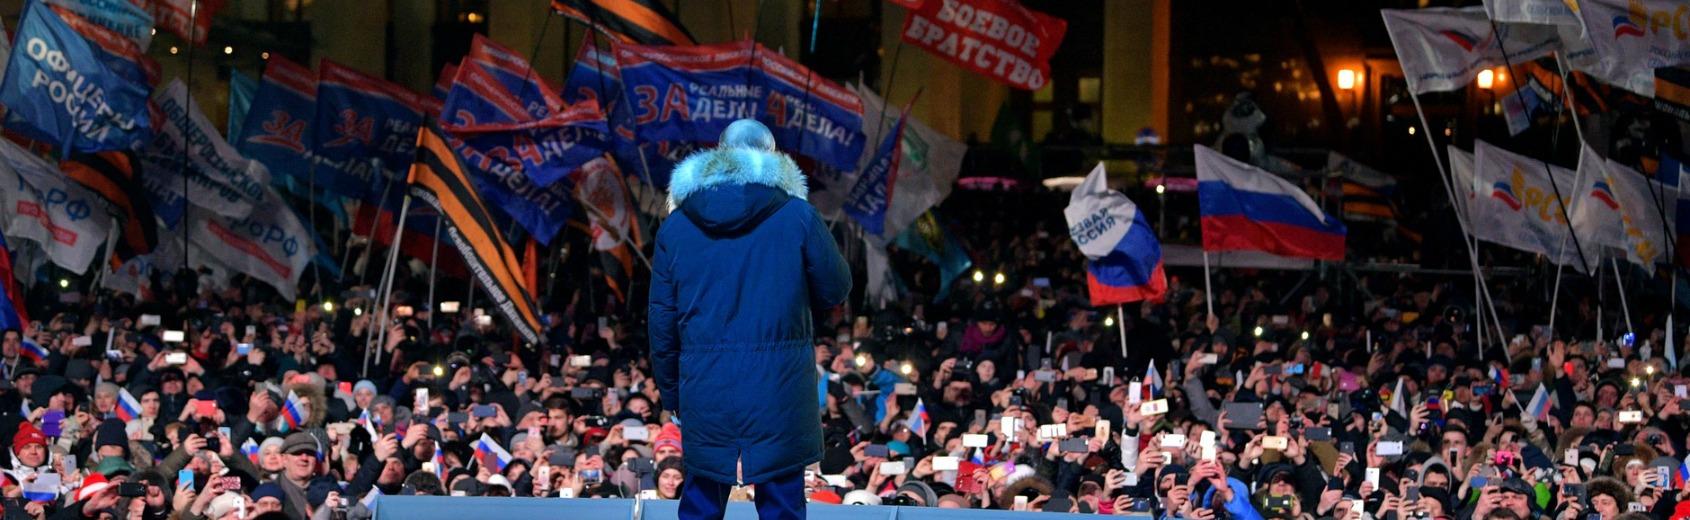 Vladimir Putin após vencer a eleição agradece a eleitores  na Praça Manezhnaya em Moscou . Foto Kremlin